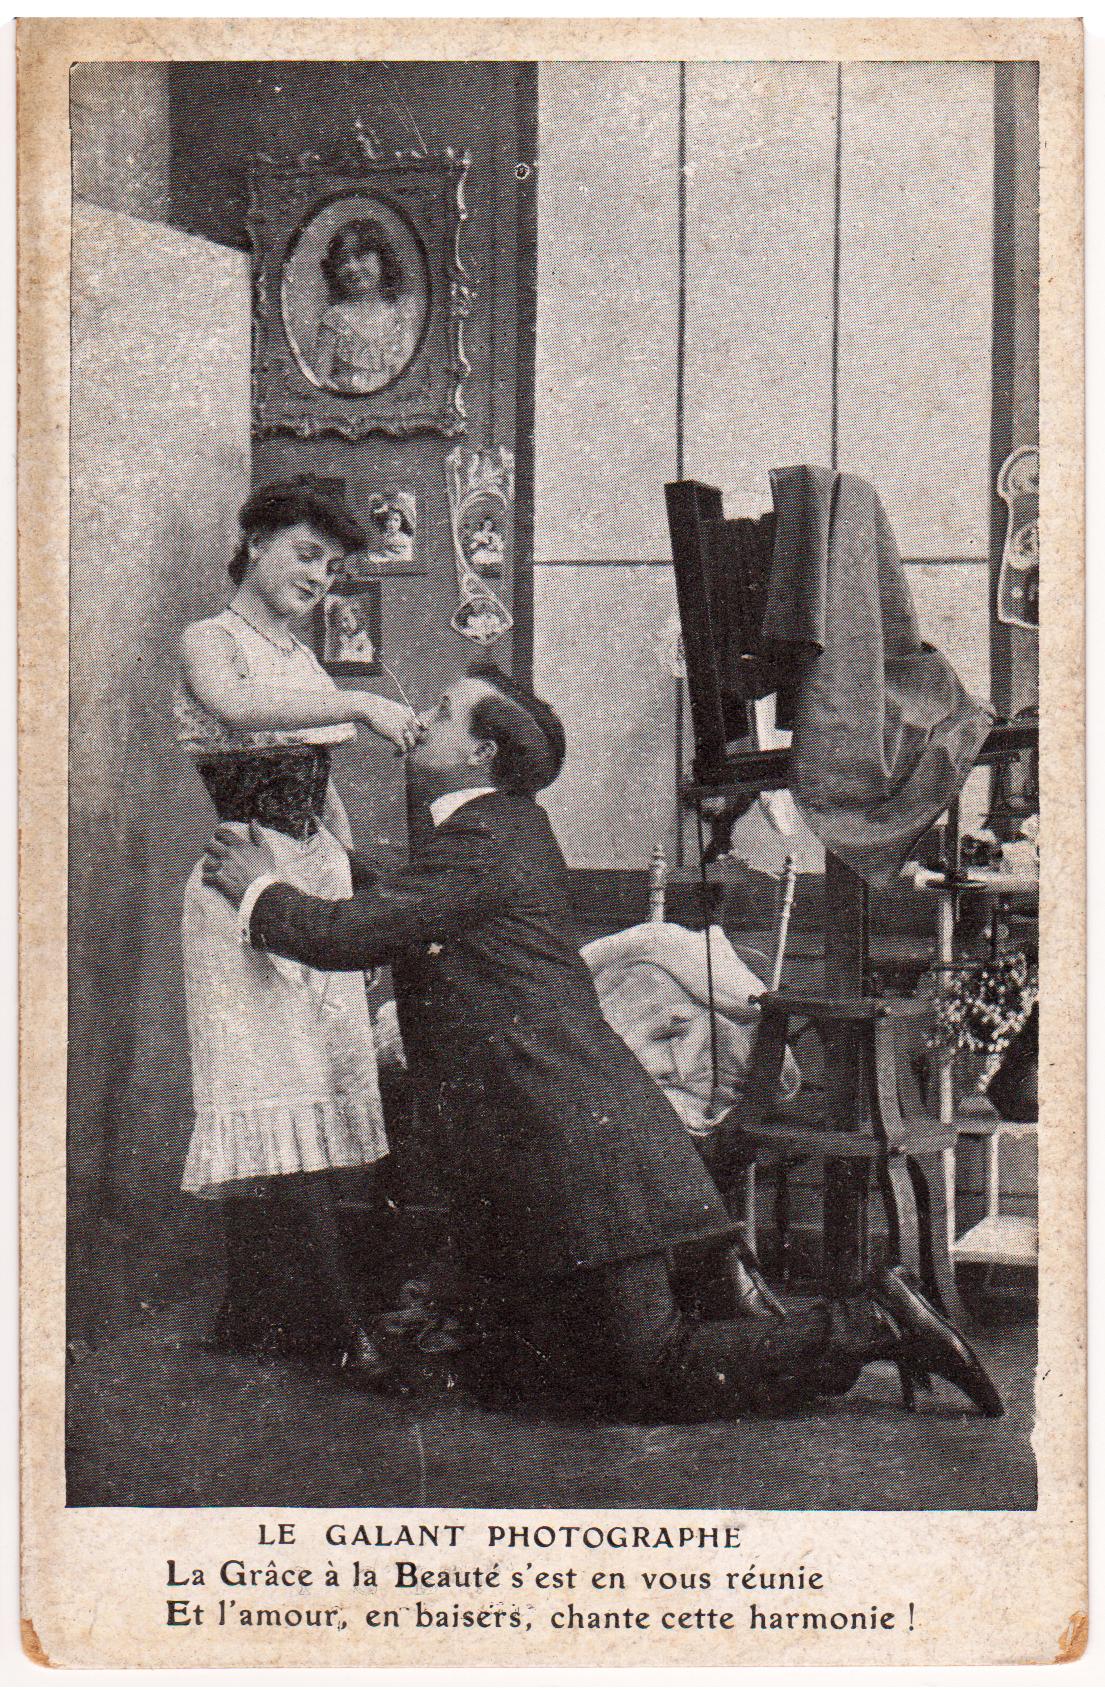 Cartolina folklore erotico sul tema del Fotografo galante